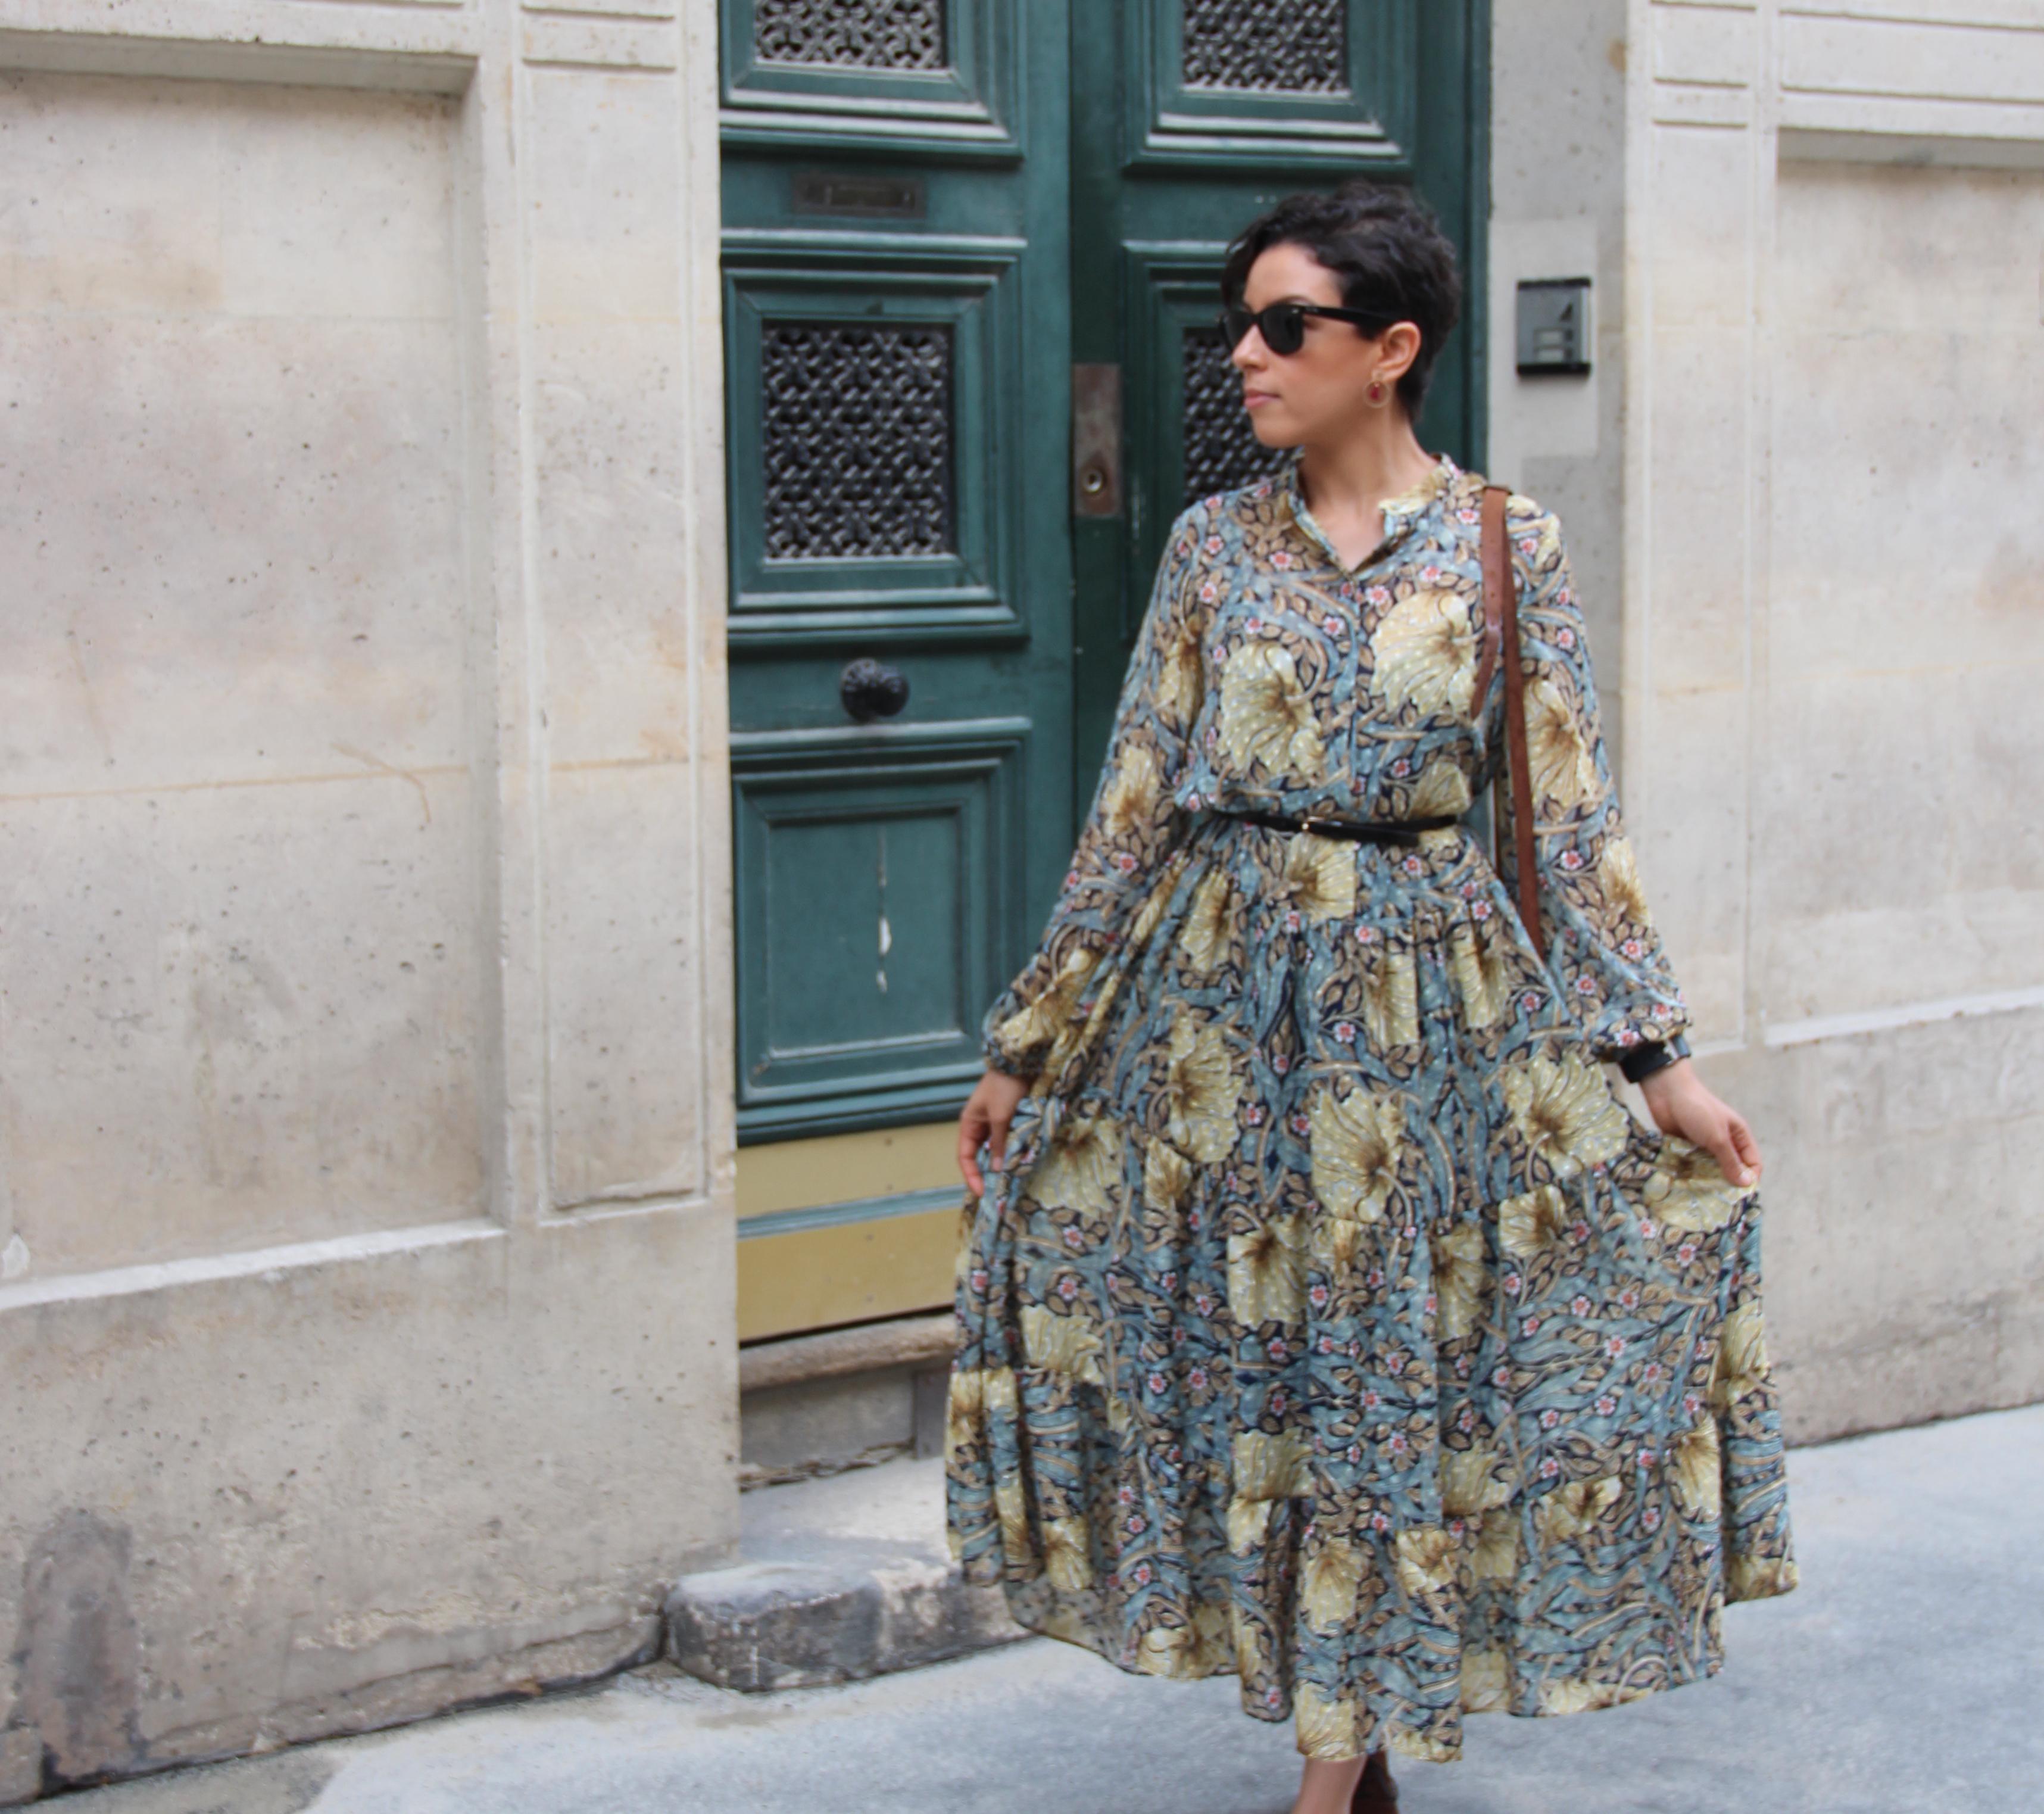 robe h&m automne